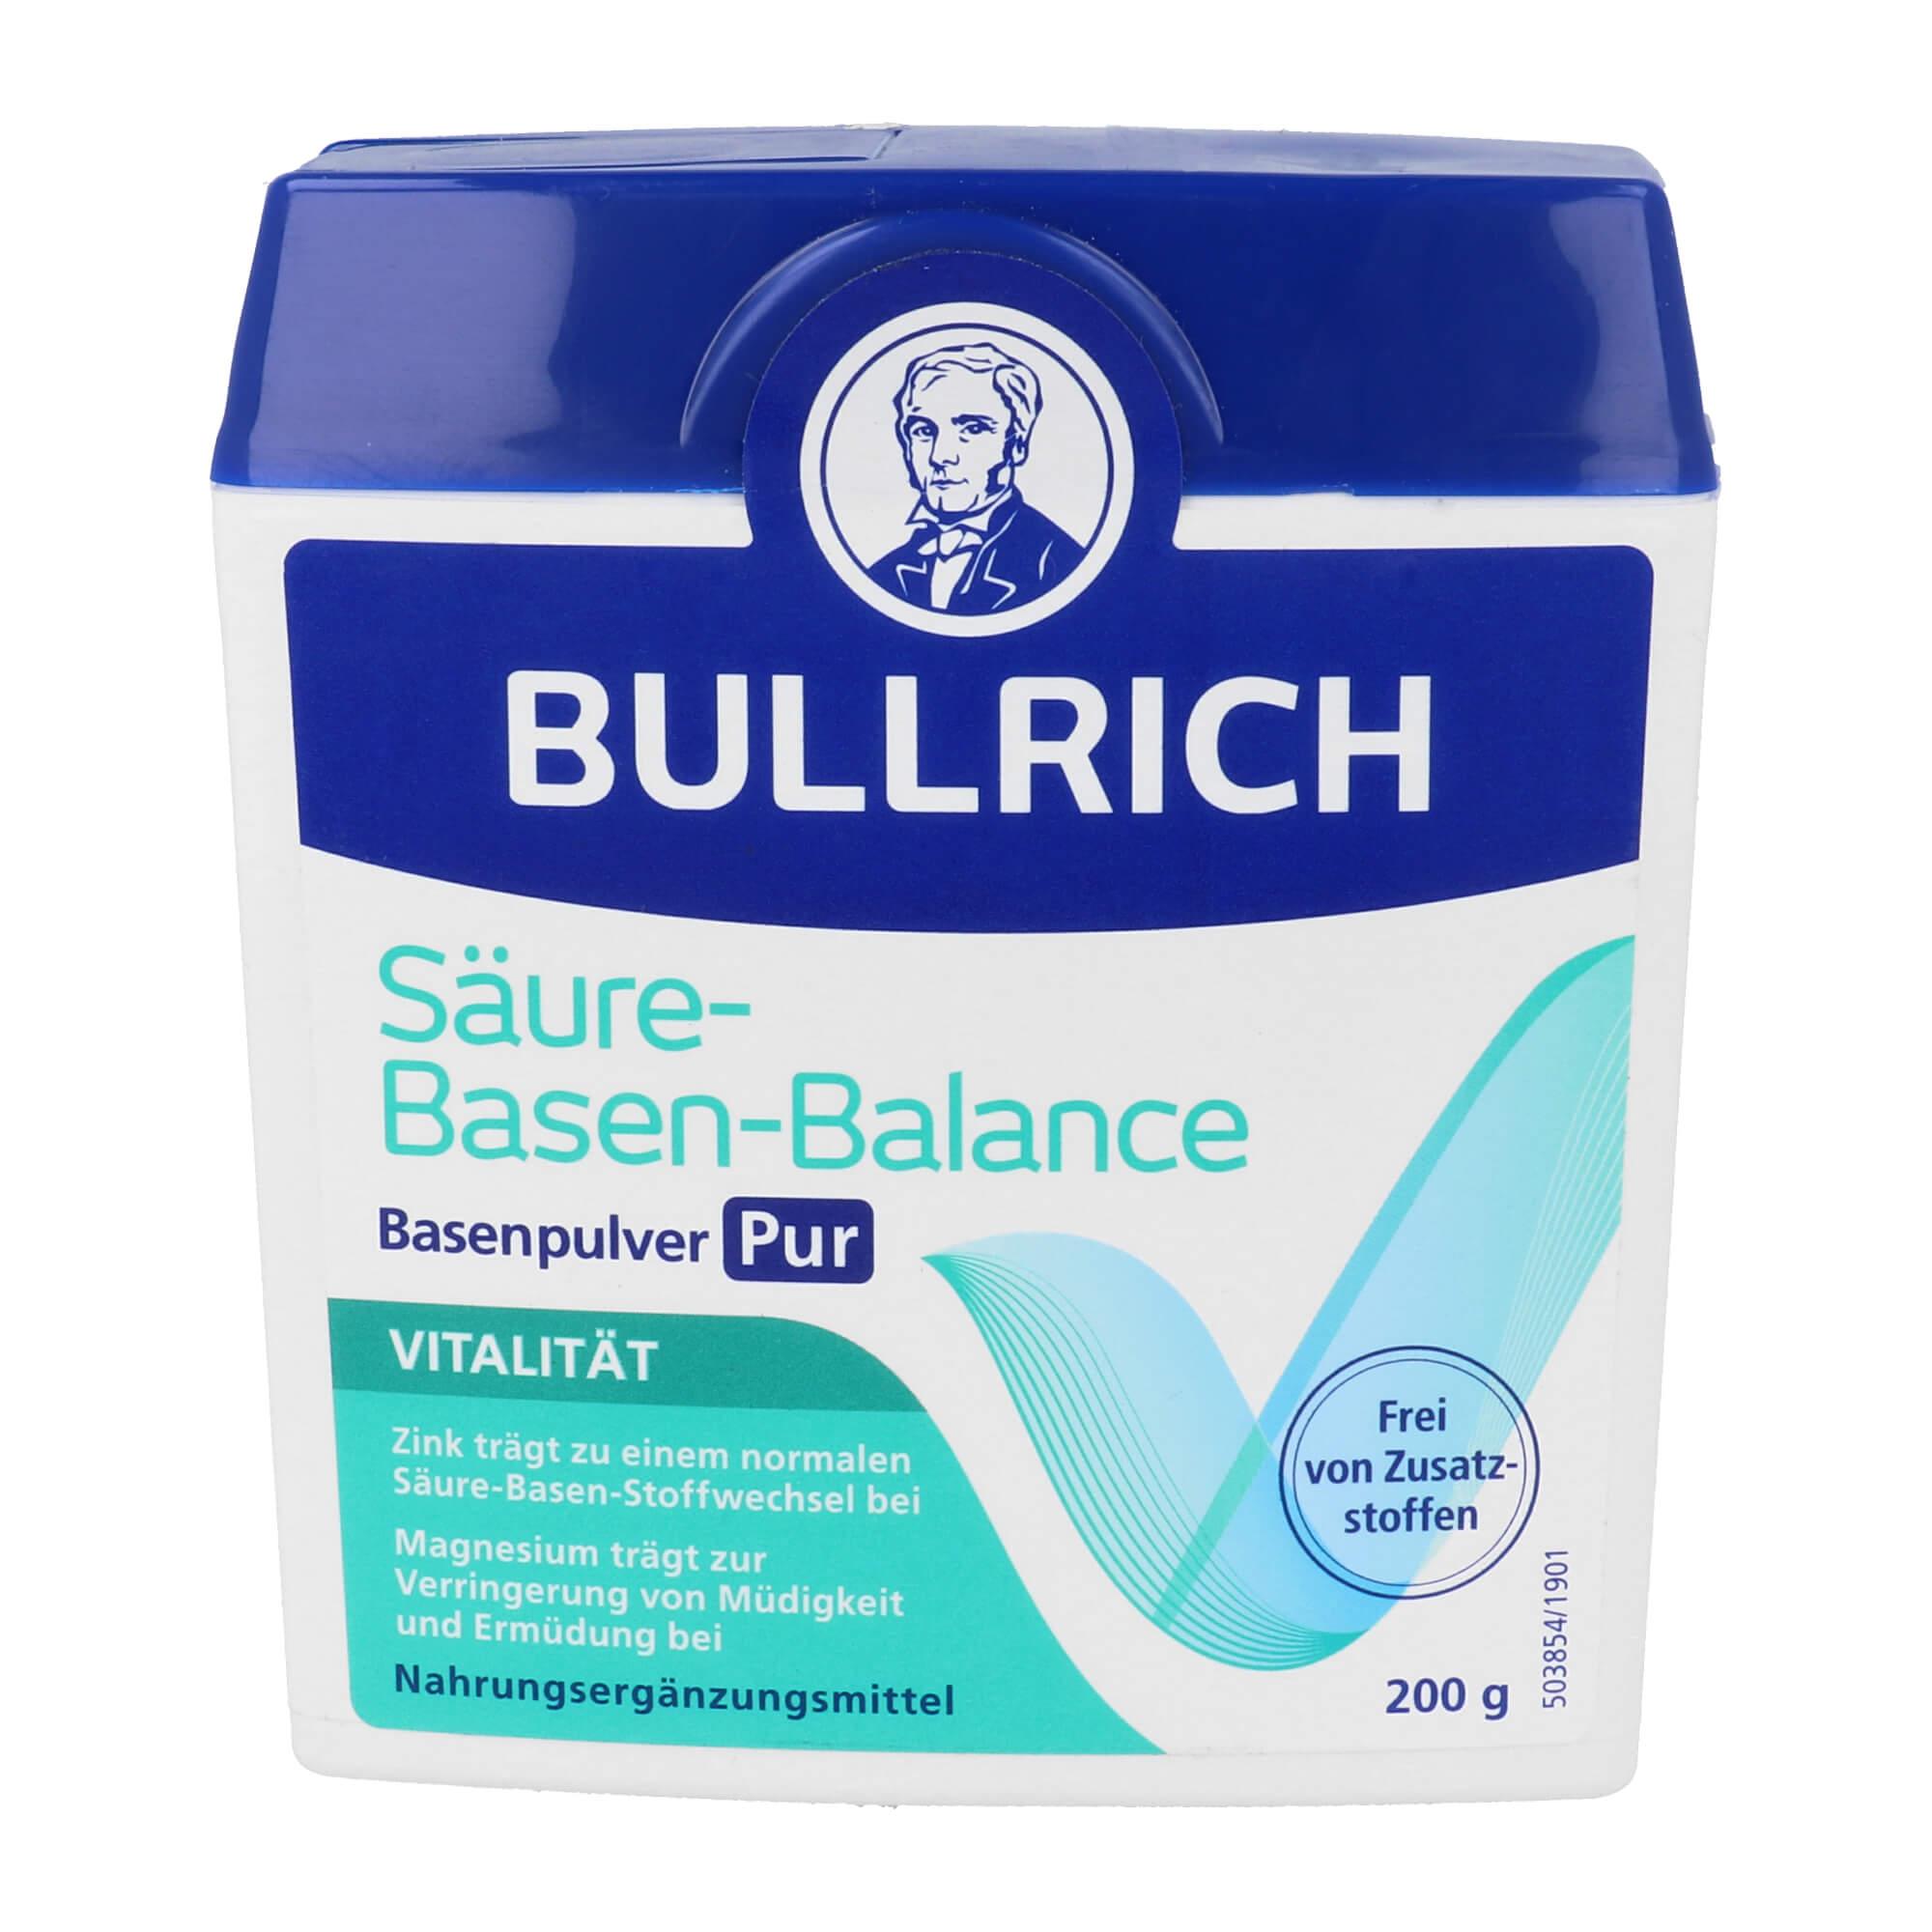 Bullrich Säure Basen Balance Basenpulver Pur